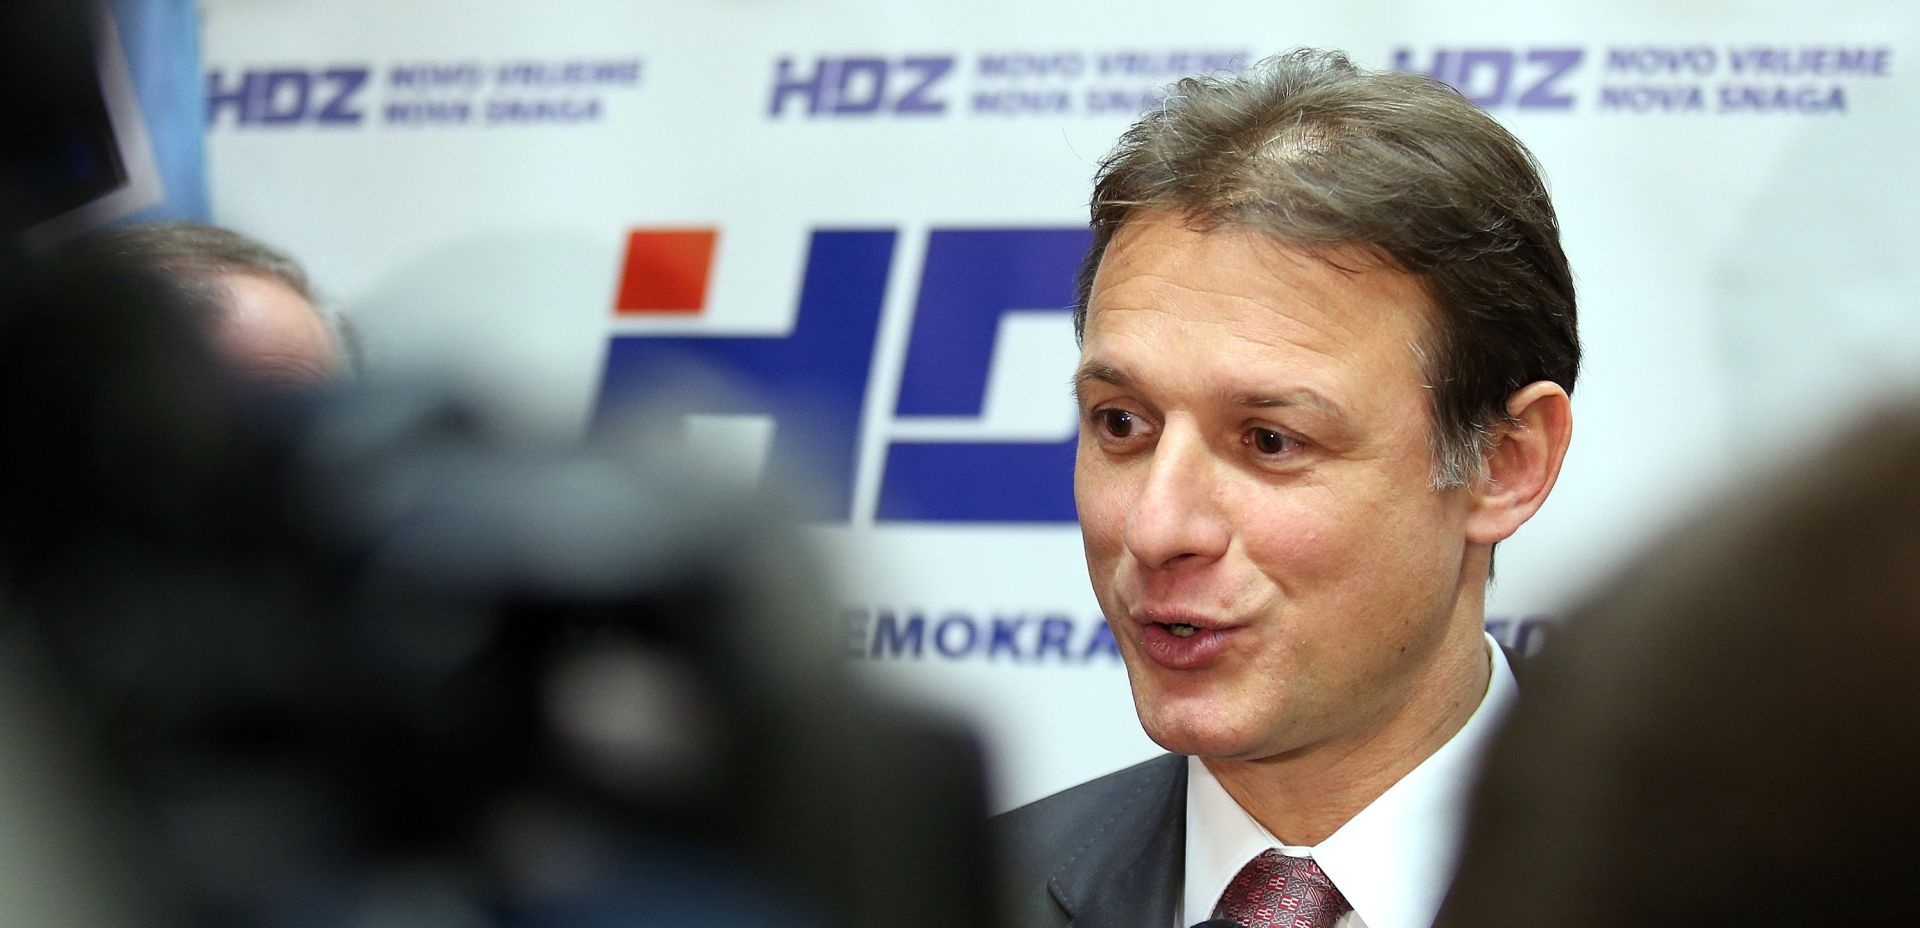 HDZ pozvao SDP i koalicijske partnere da jasno kažu kada će raspustiti Sabor